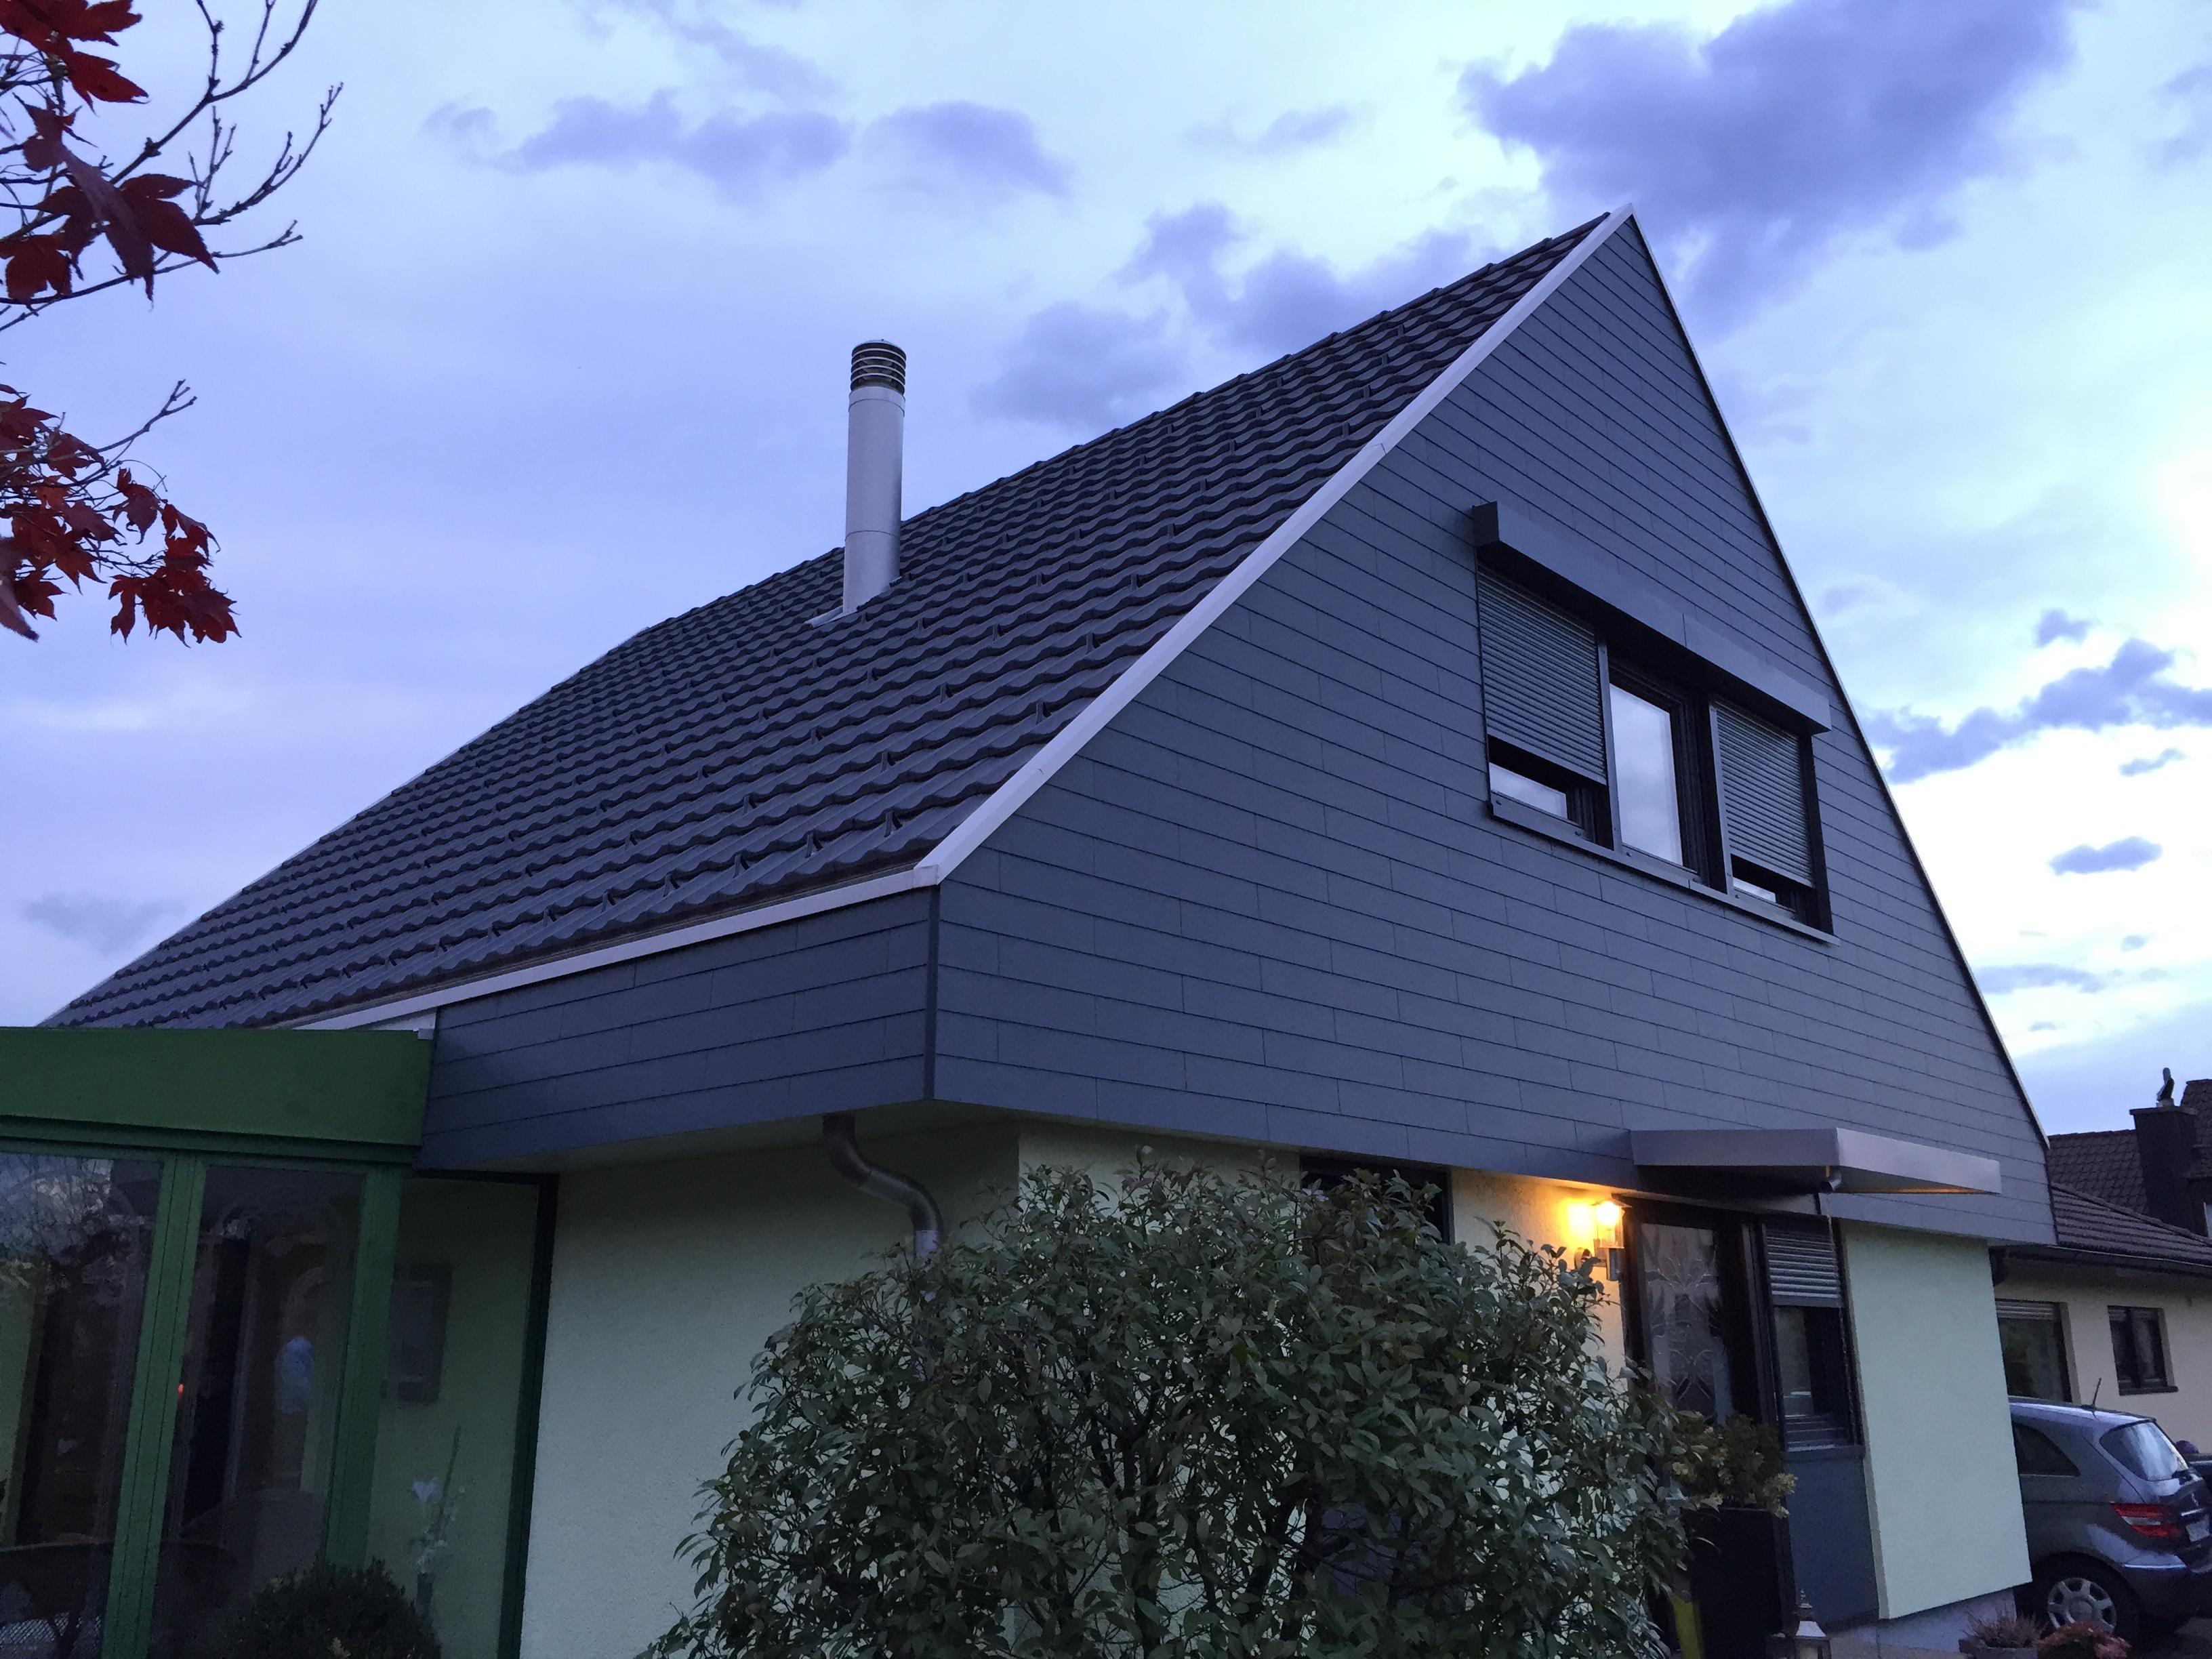 Einfamilienhaus - Nachher